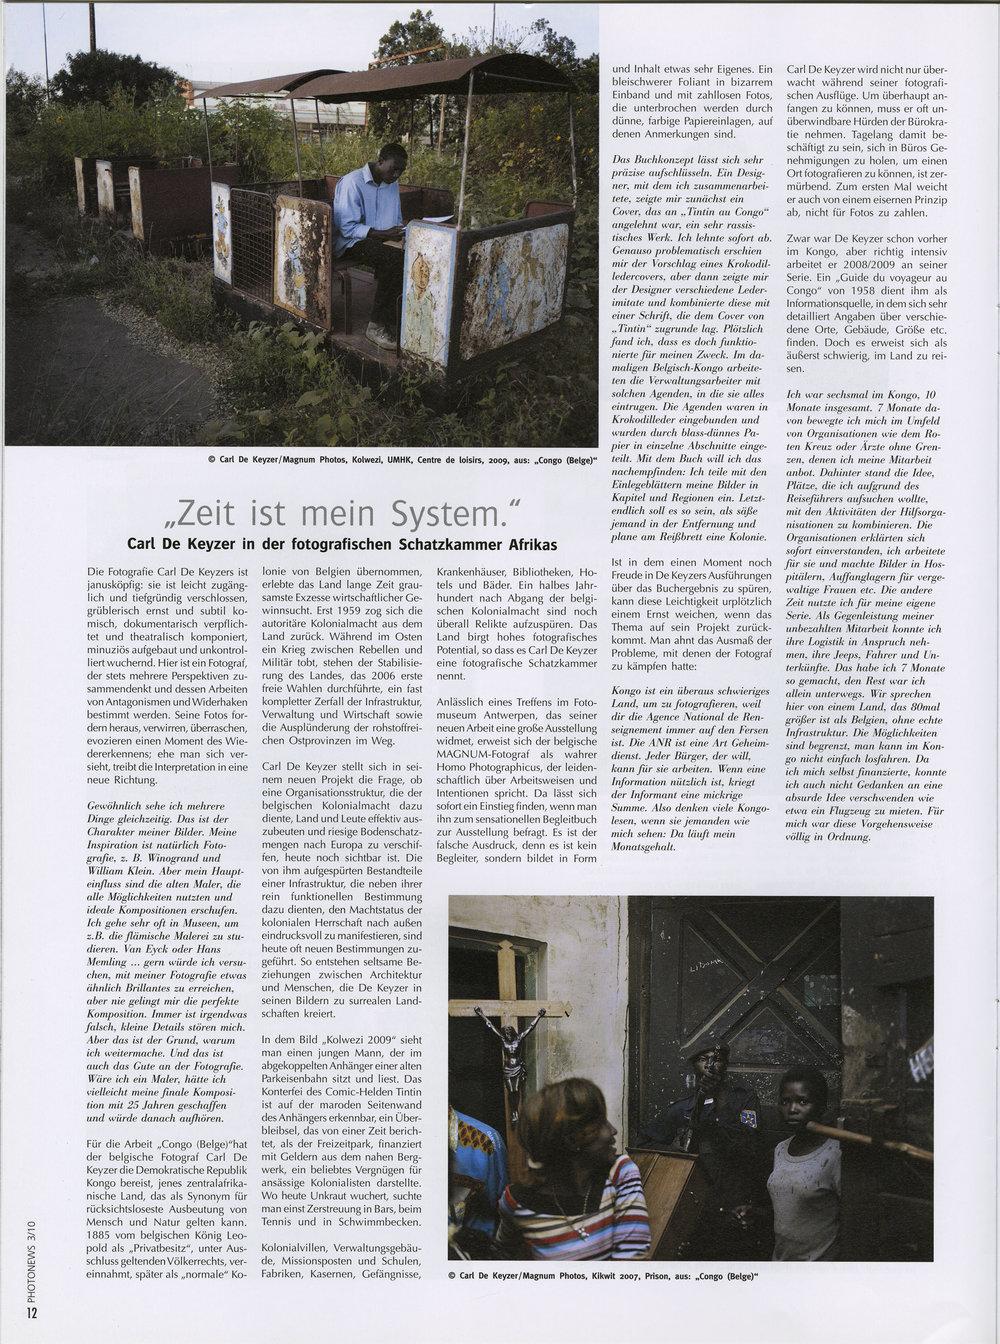 Congo (Photonews)